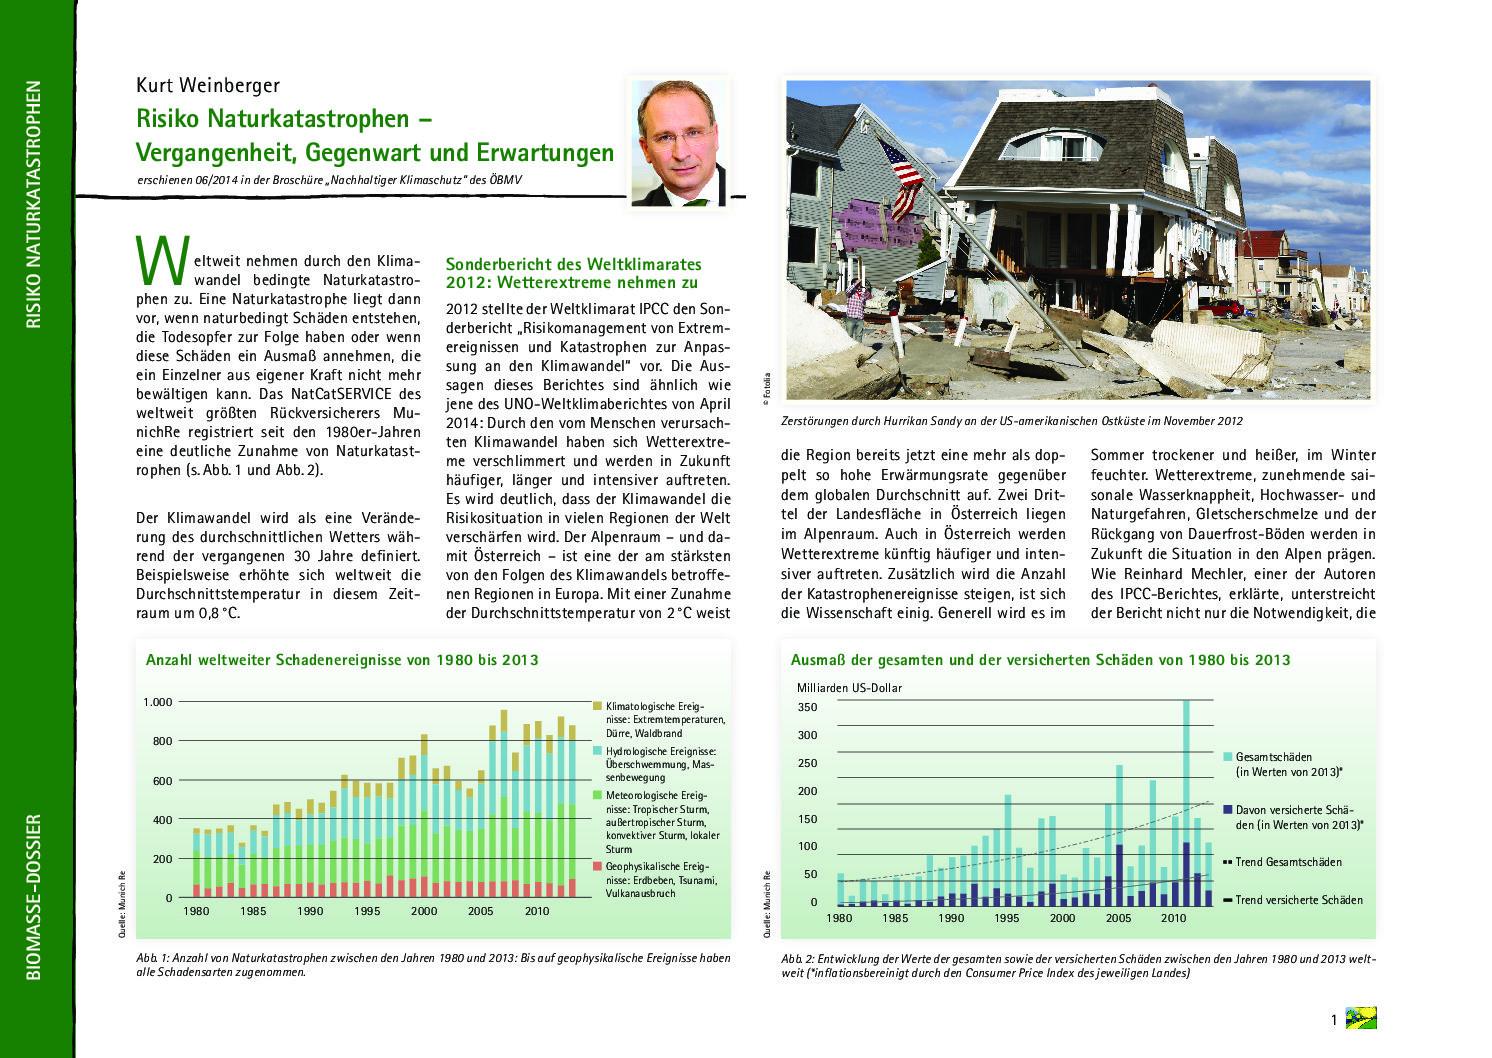 Risiko Naturkratastrophen – Vergangenheit, Gegenwart und Erwartungen